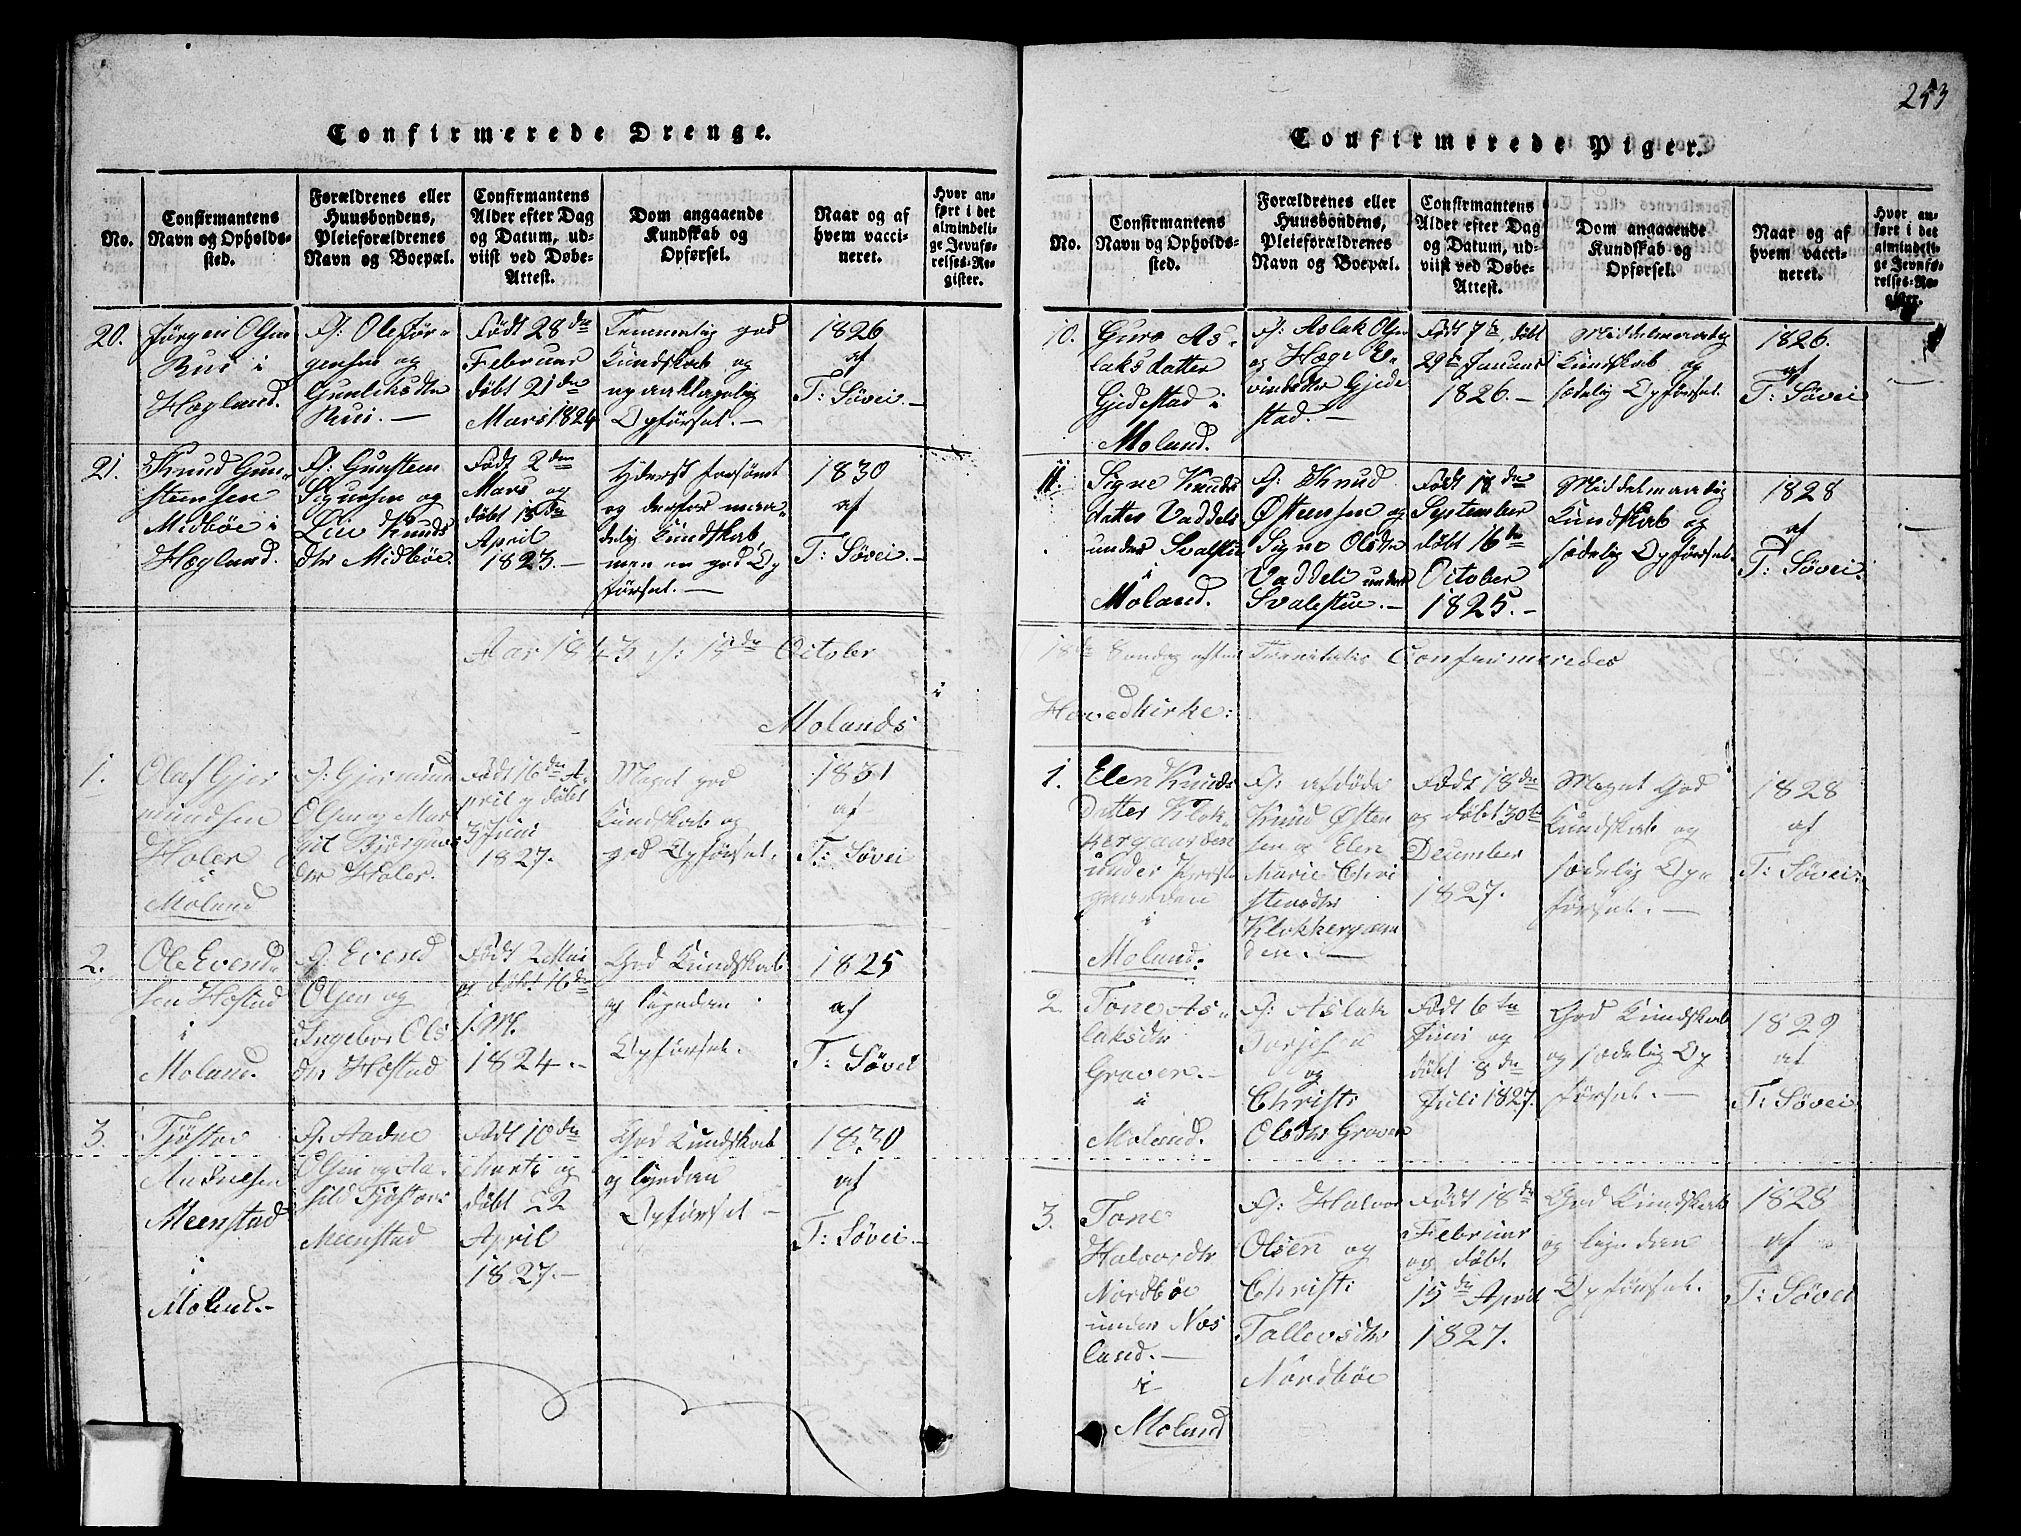 SAKO, Fyresdal kirkebøker, G/Ga/L0002: Klokkerbok nr. I 2, 1815-1857, s. 253